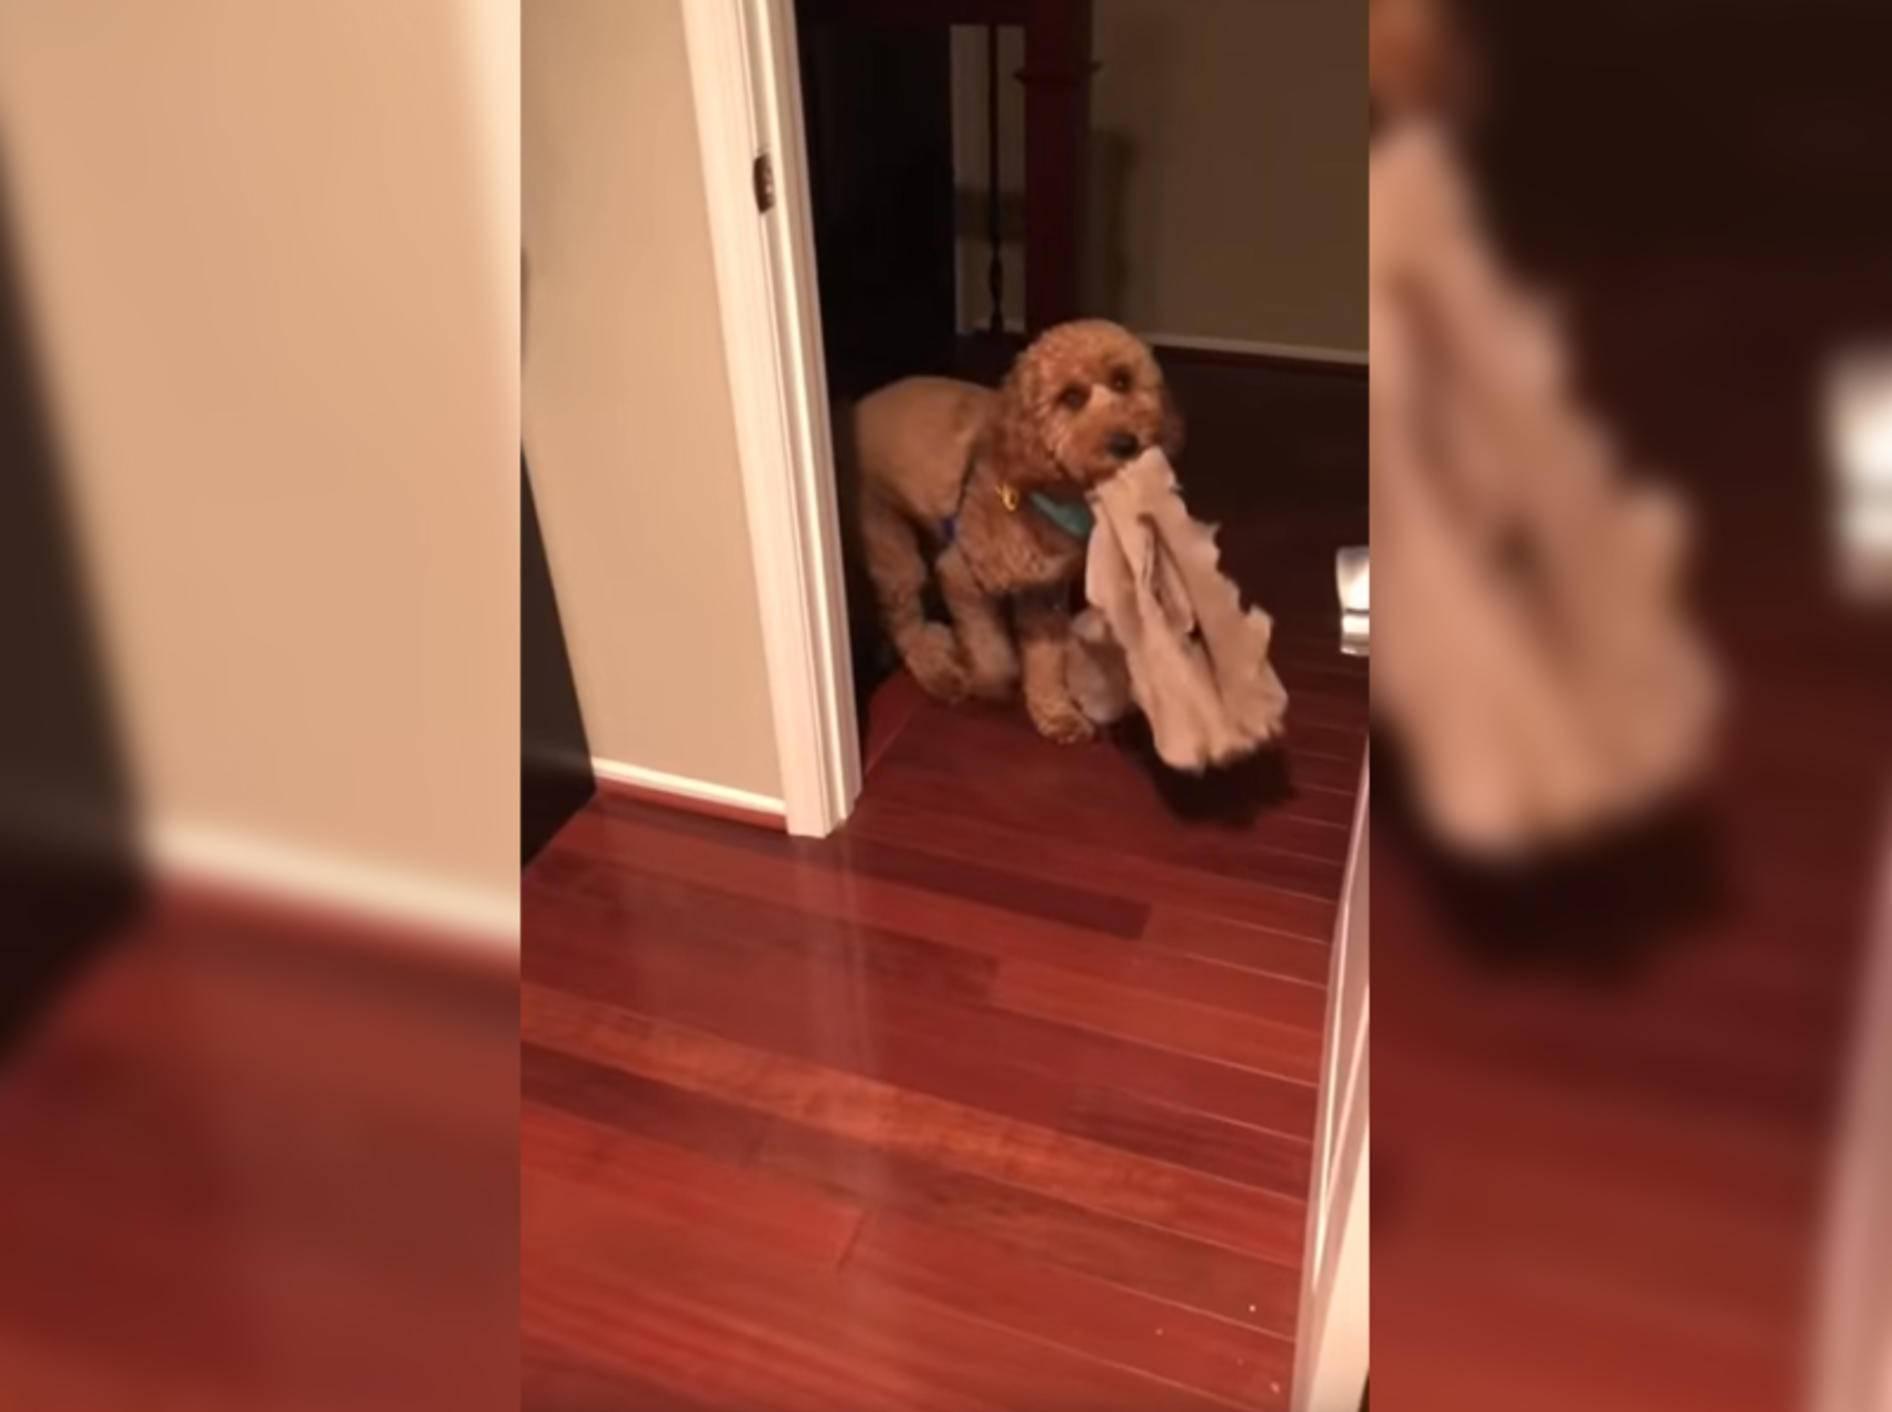 Ohne irgendeinen Gegenstand geht Hund Bentley nicht ins Bett - Bild: YouTube / Minidoodle Bentley